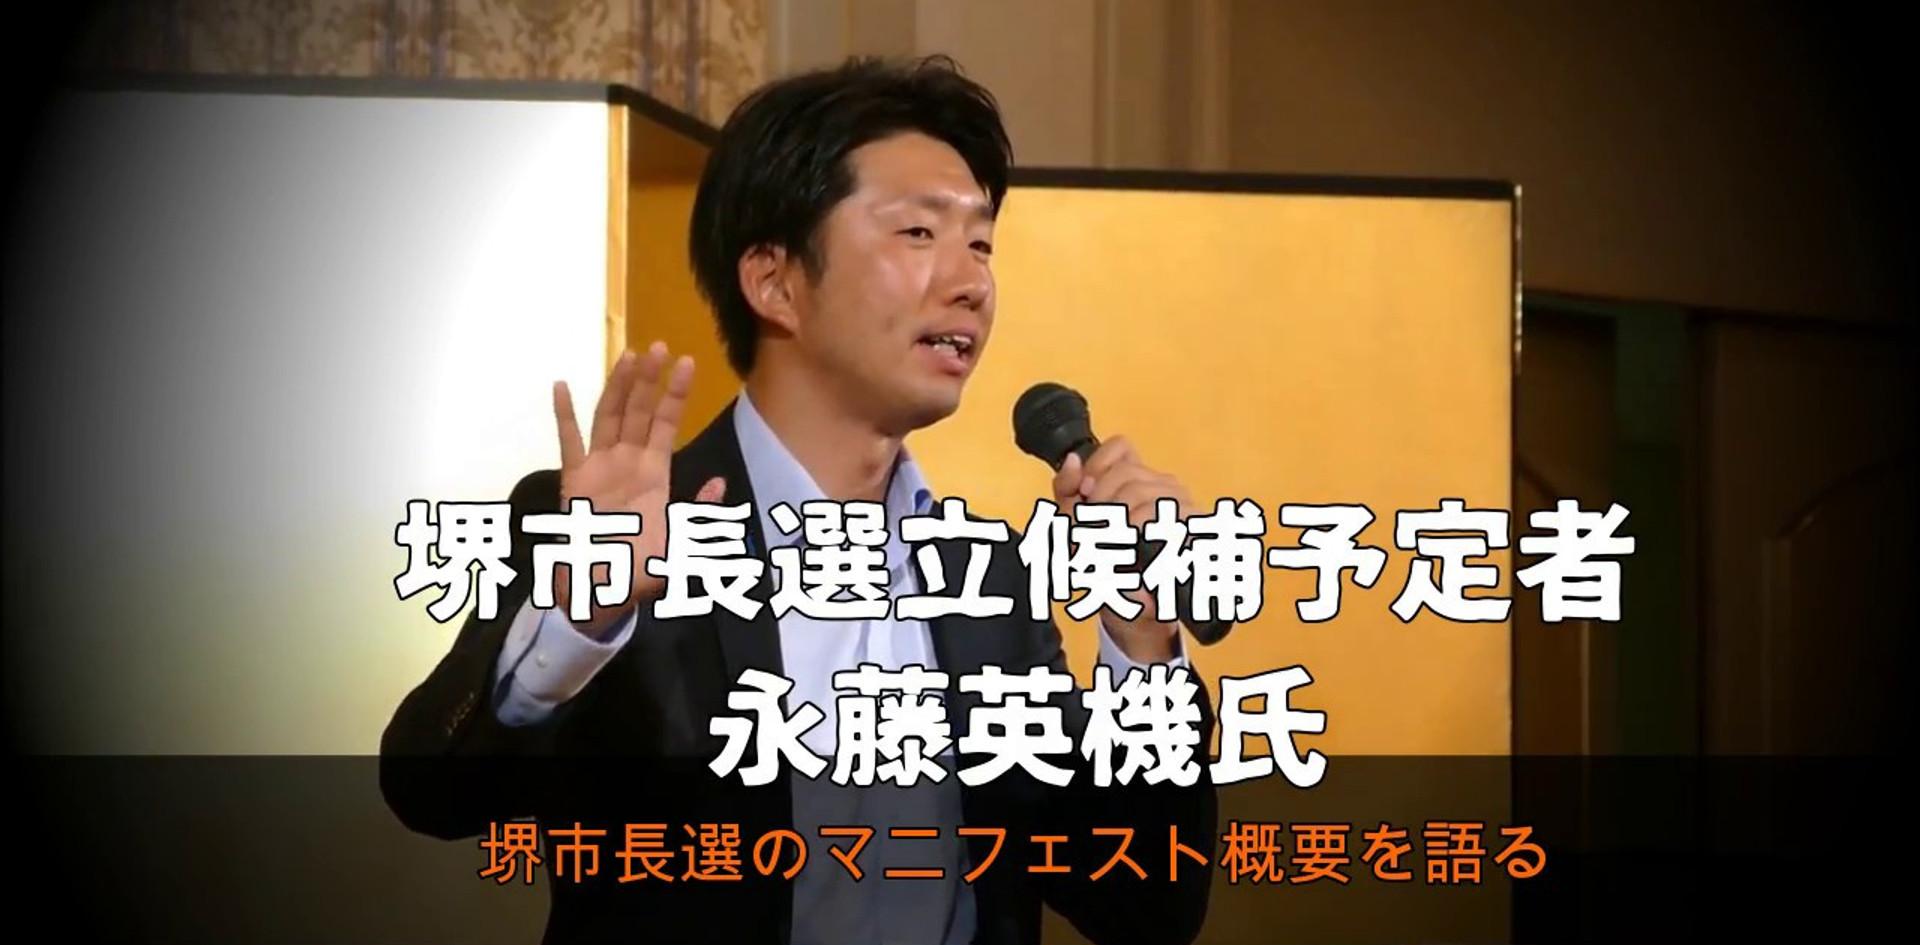 永藤英機堺市長選立候補予定者 堺市長選のマニフェスト概要を語る